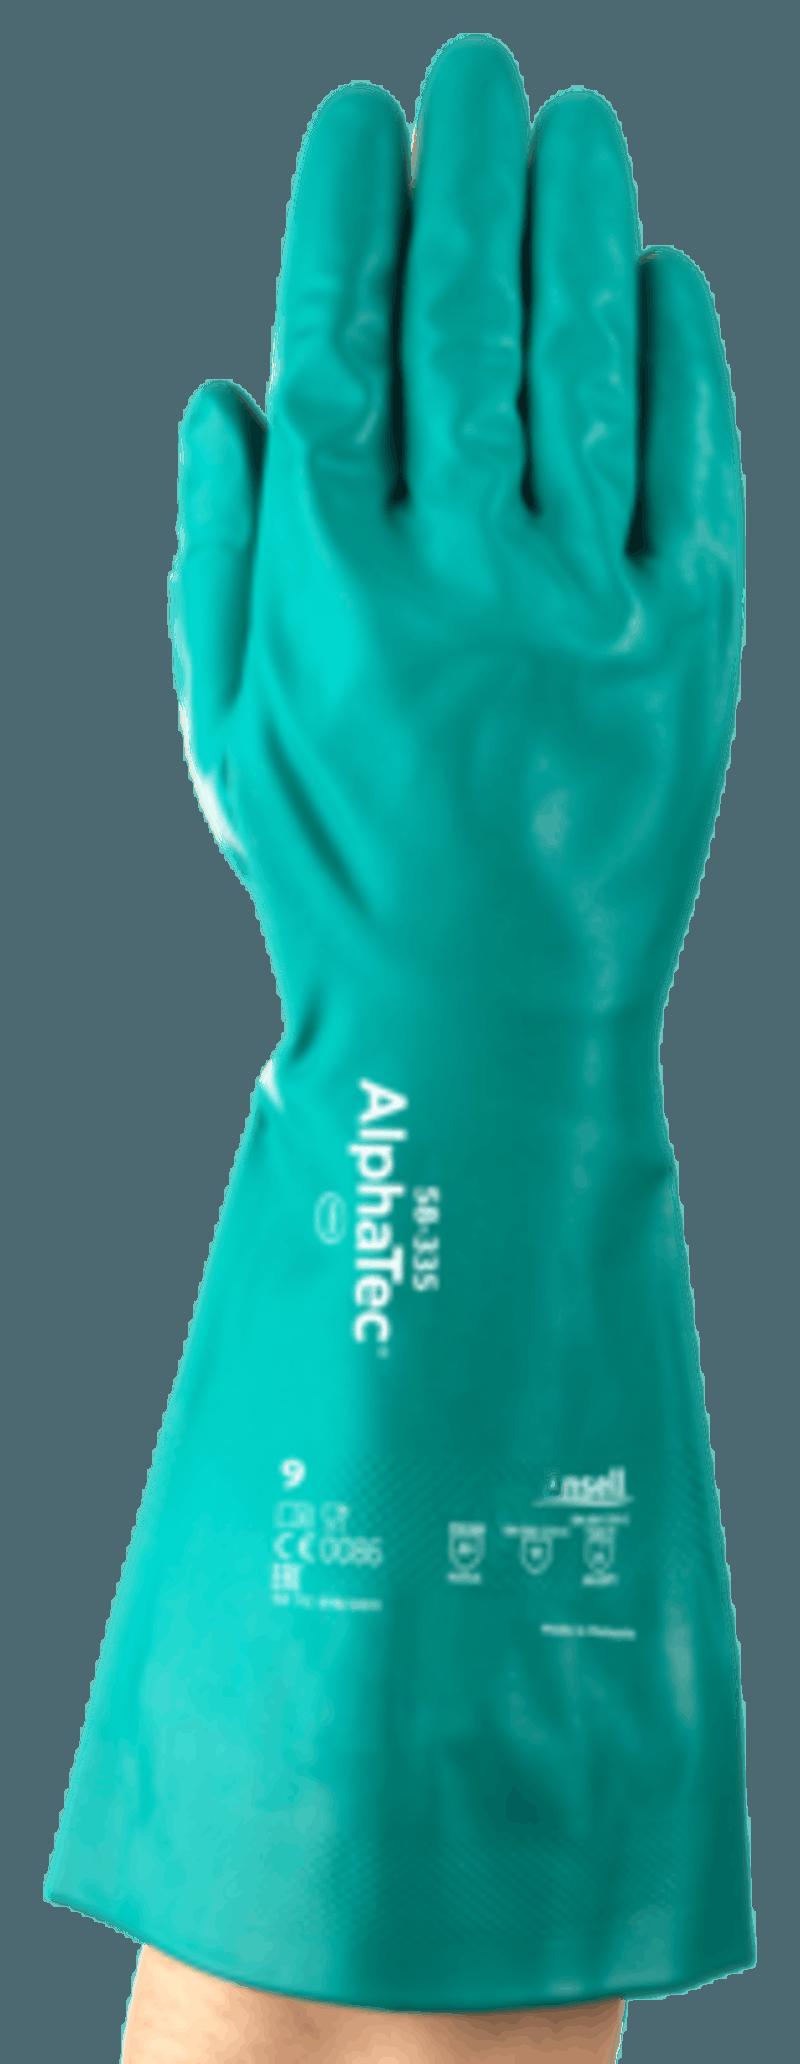 Chemikalien-Schutzhandschuh AlphaTec® 58-335